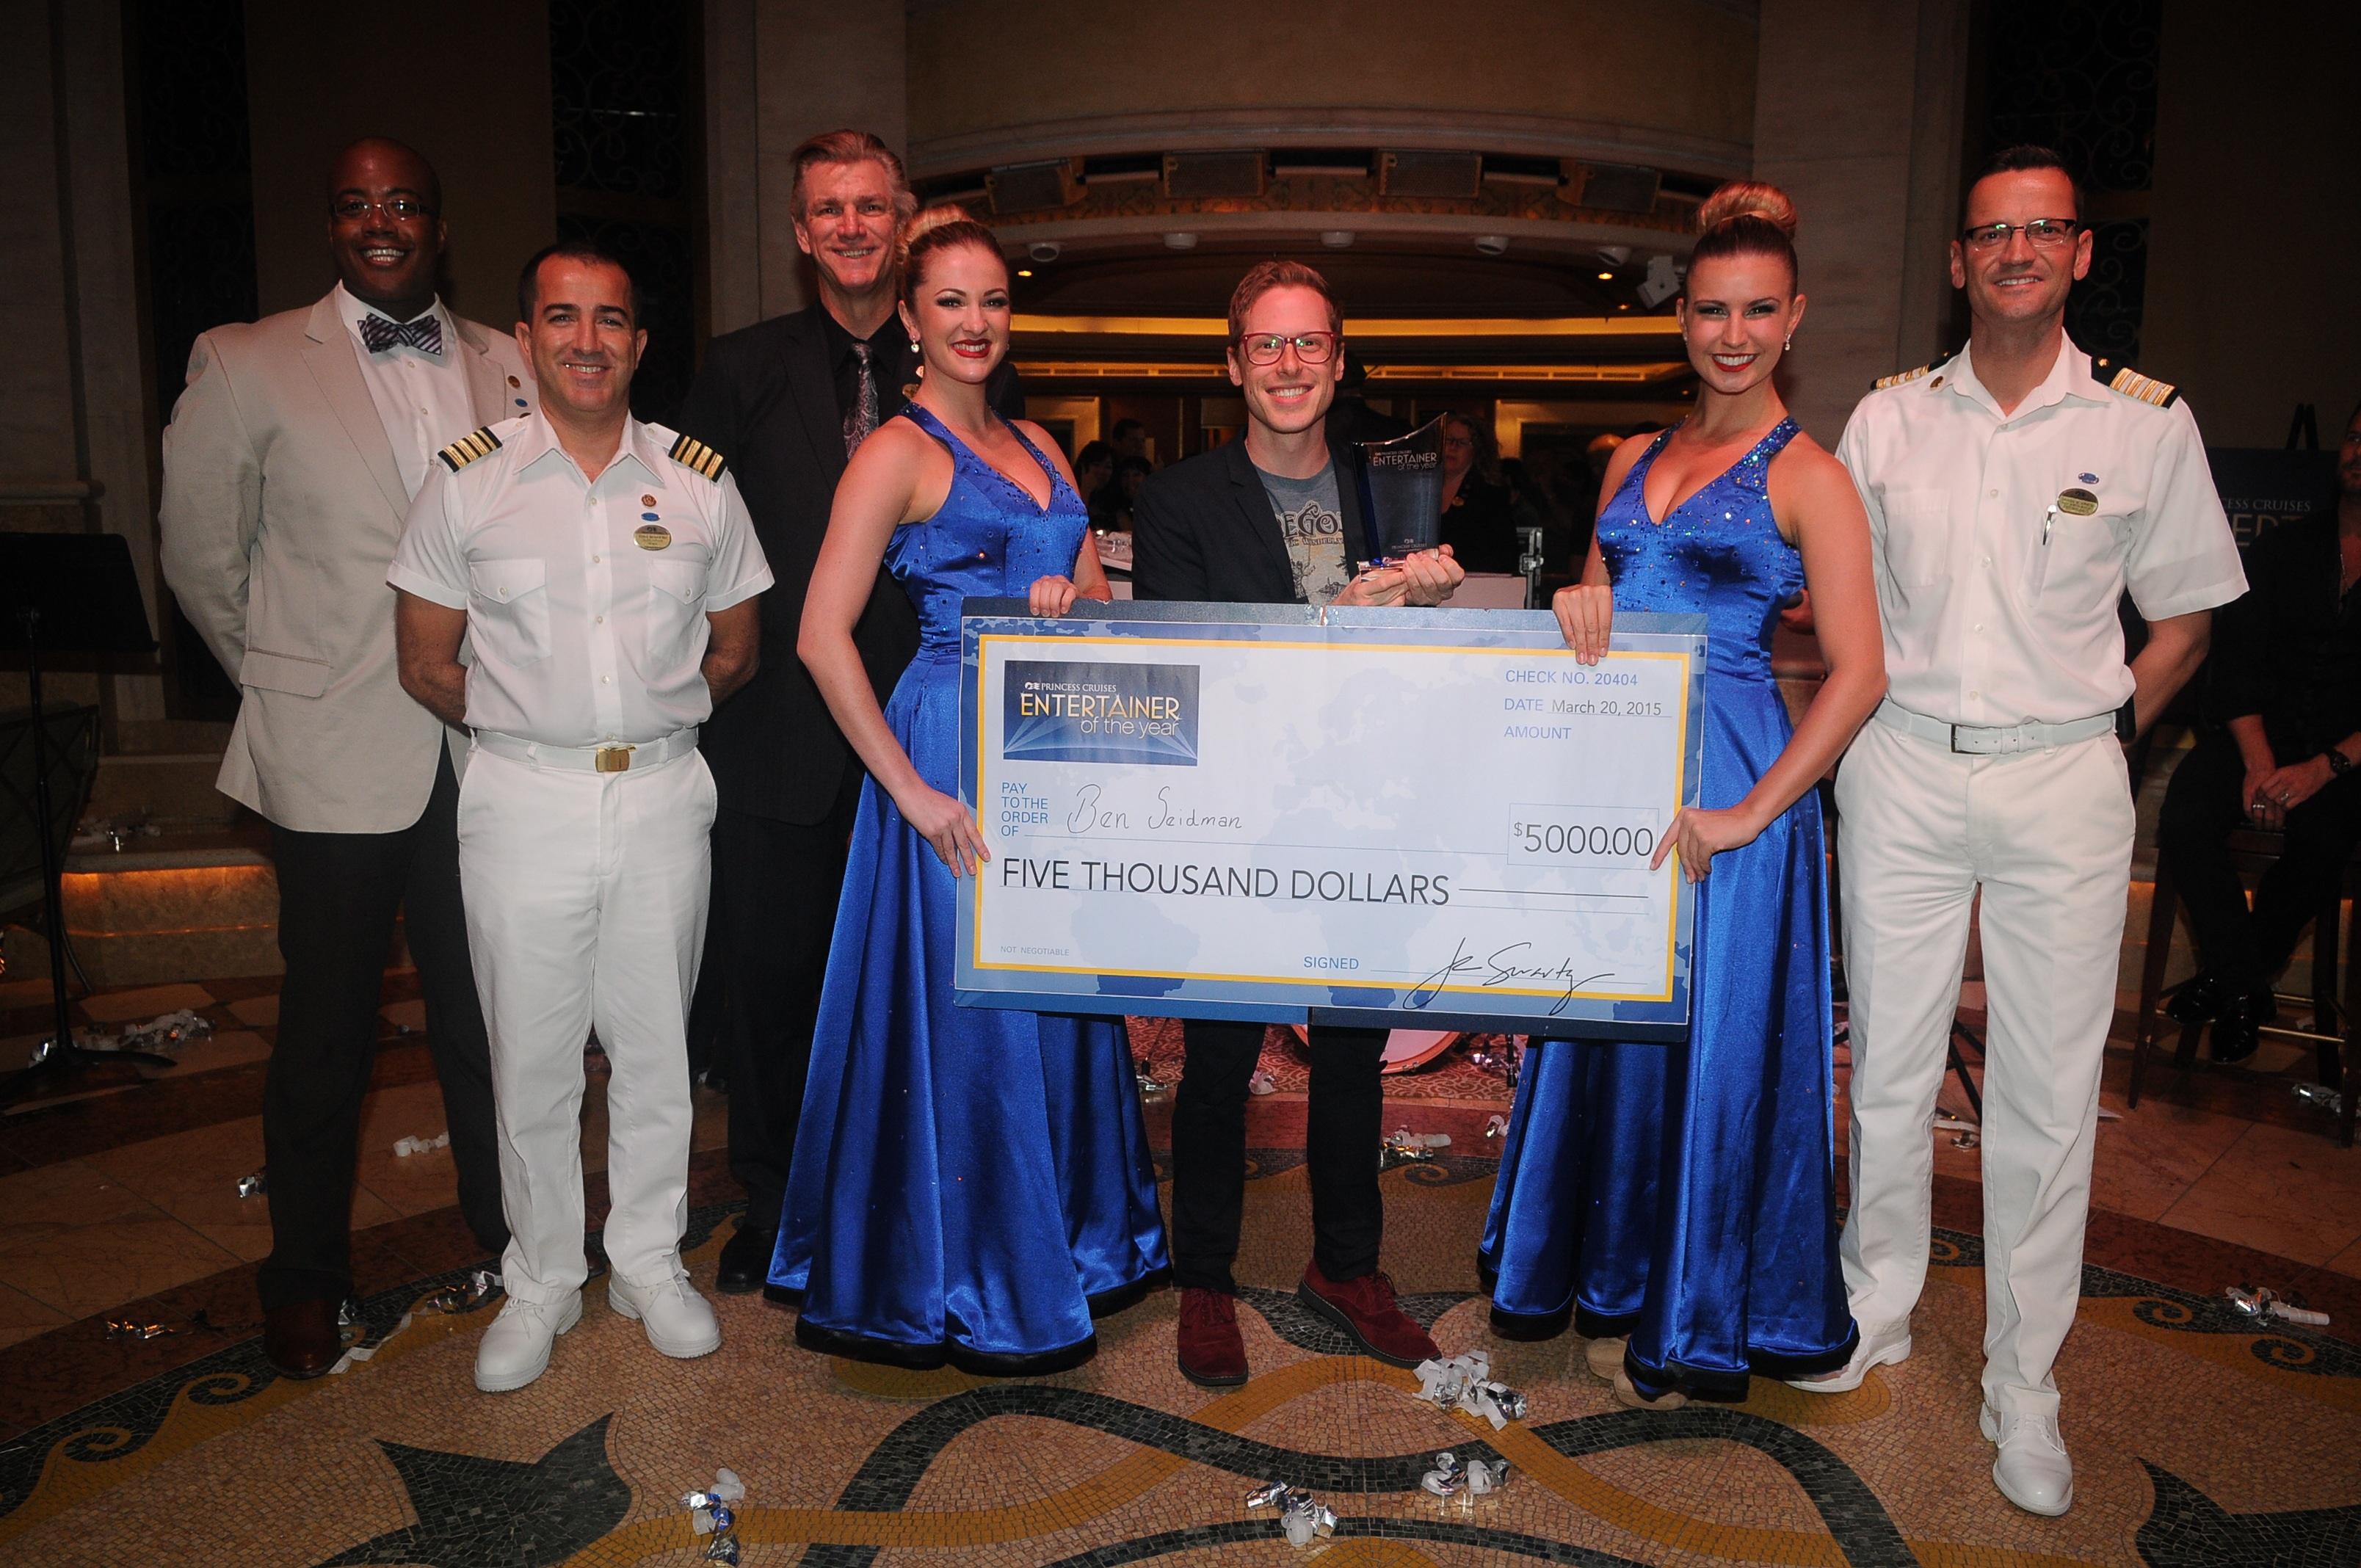 Comedic Magician Ben Seidman Chosen as Princess Cruises' Entertainer of the Year